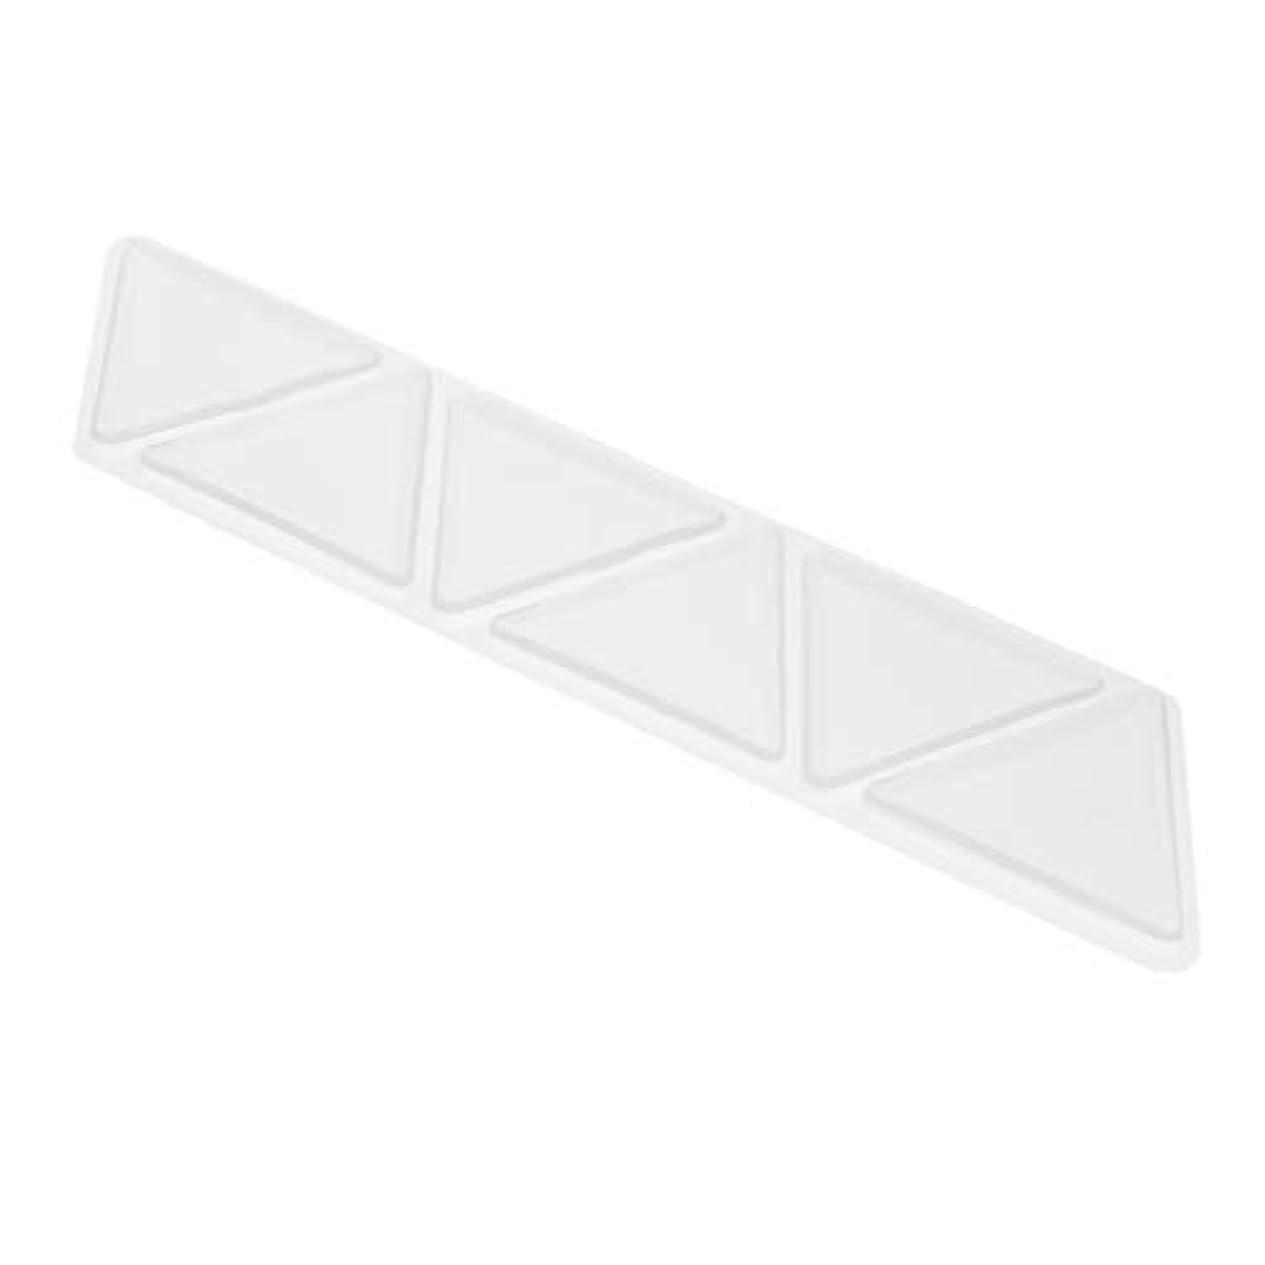 クリープ自治的実質的にシリコーン アンチリンクル 額 パッド パッチスキンケア 三角パッド 6個セット